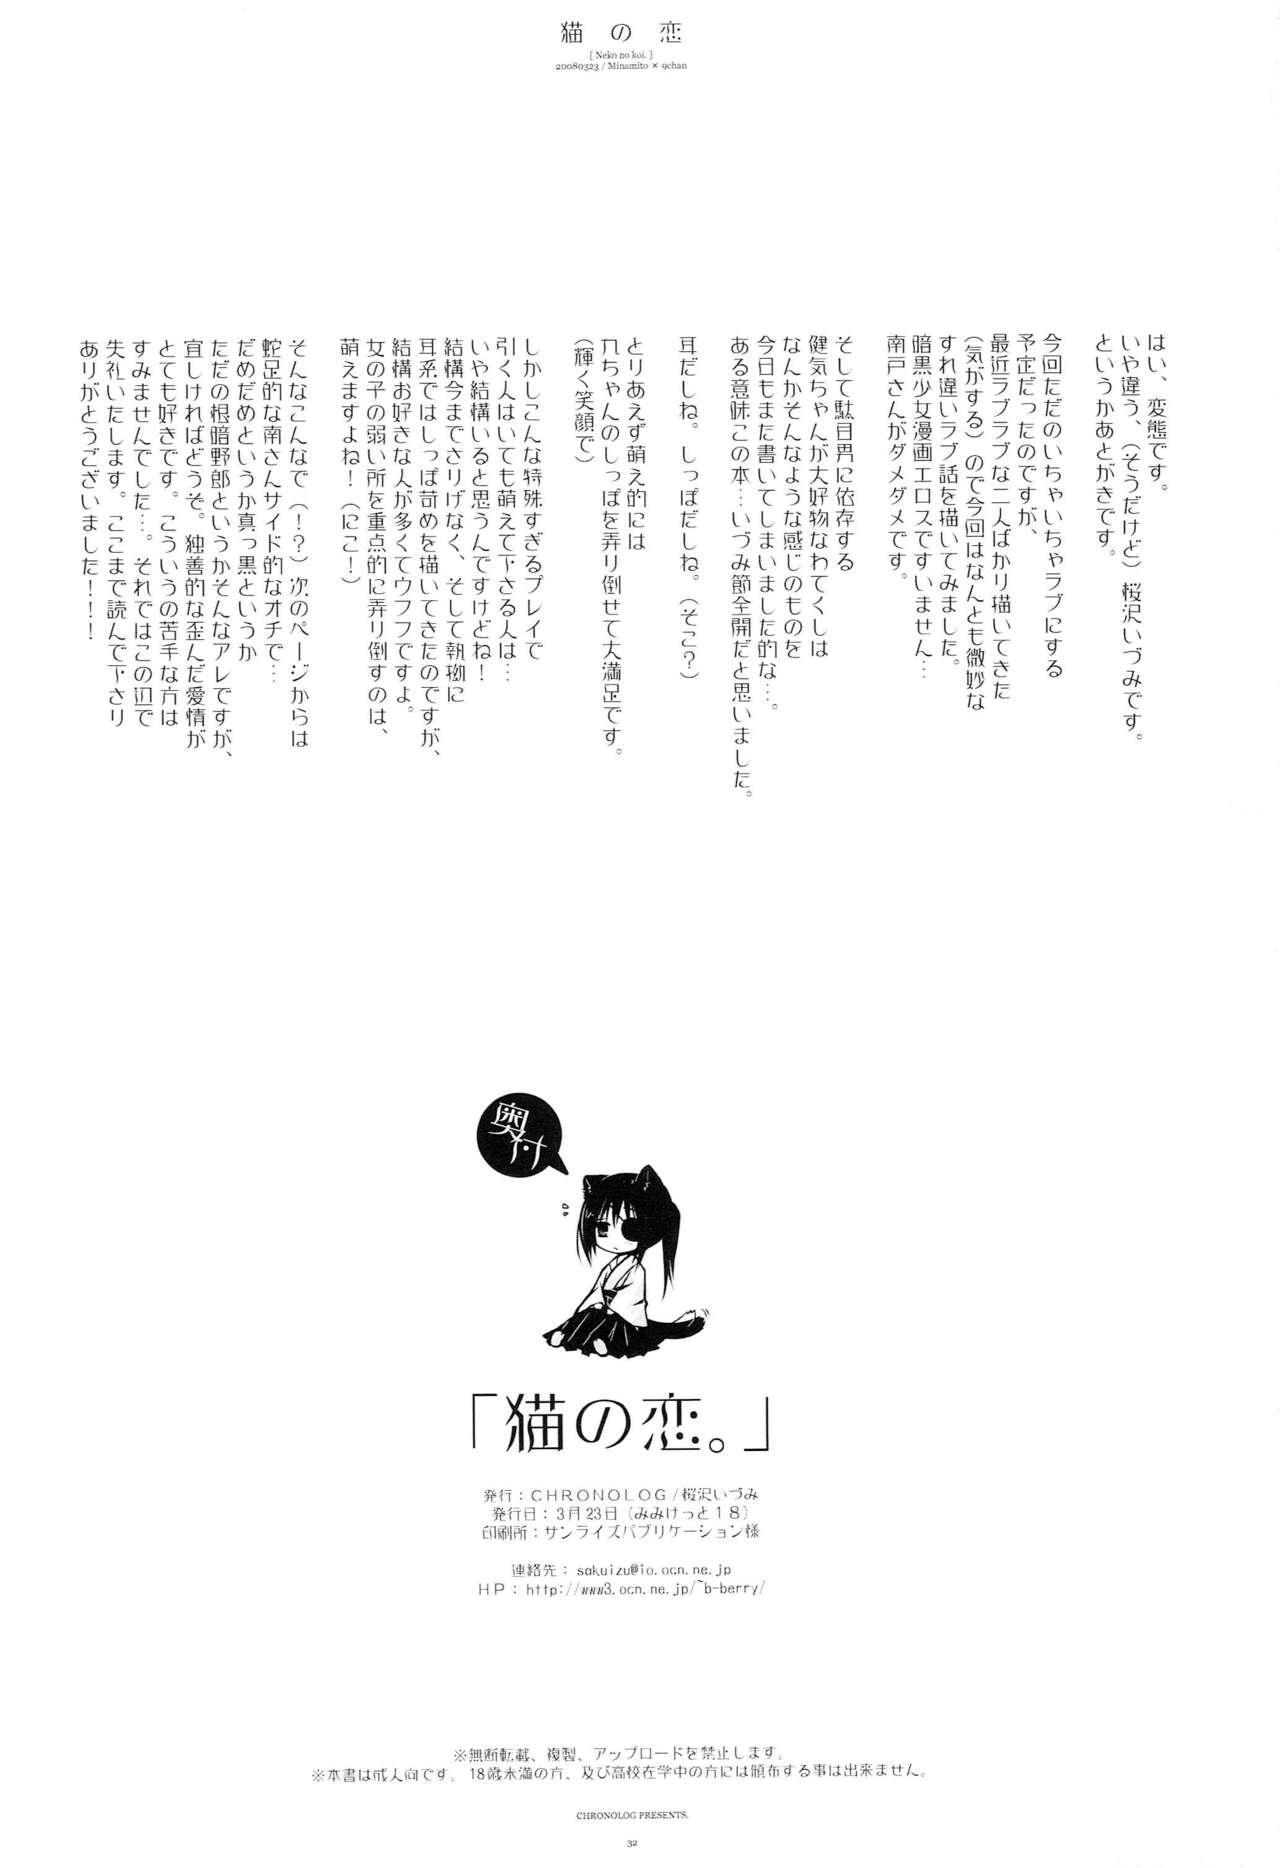 Neko no Koi 30